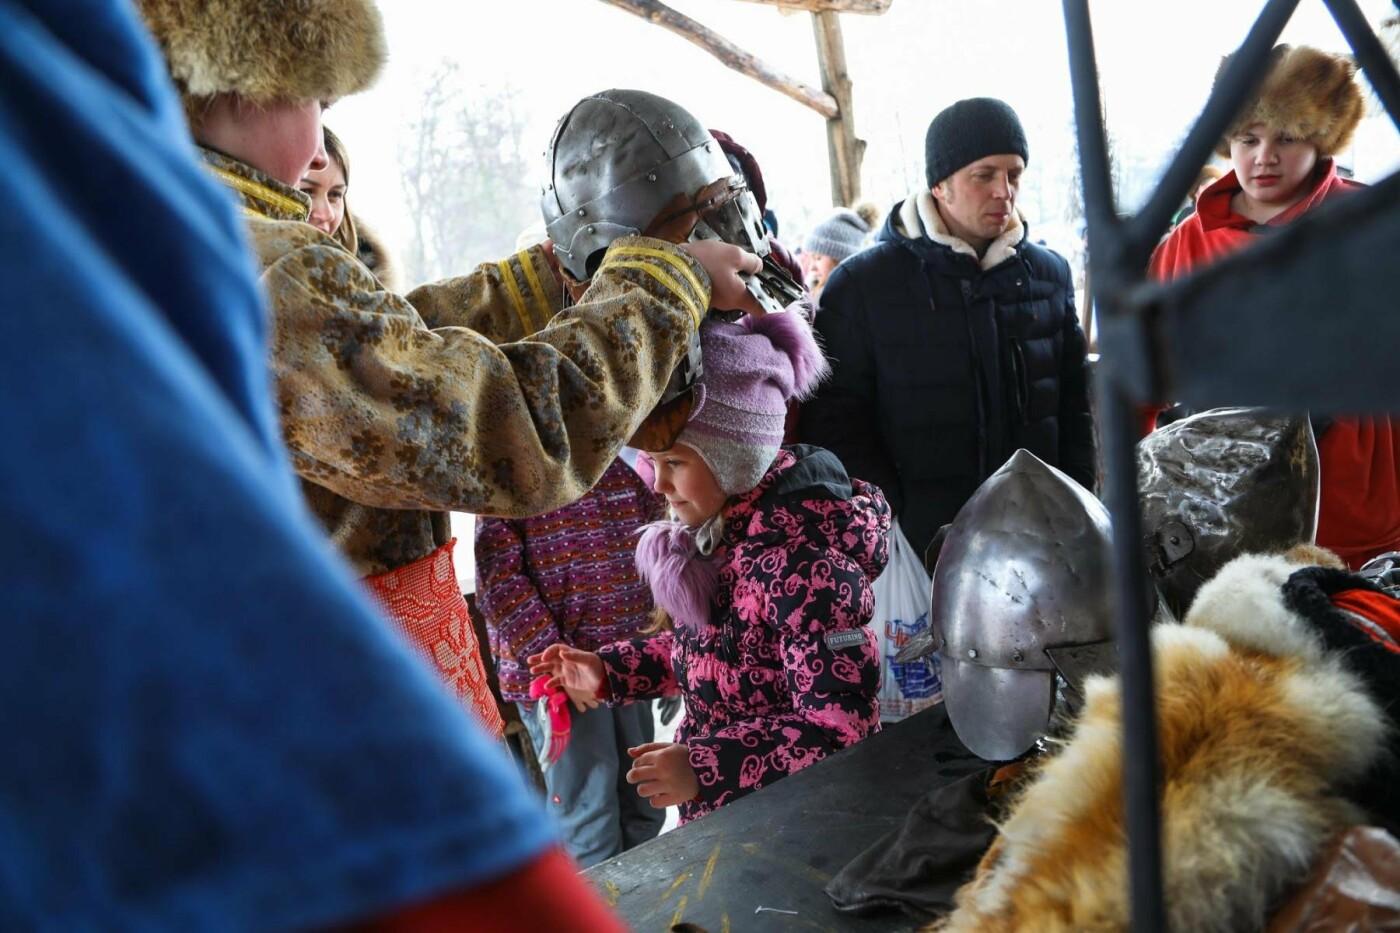 В Белгородской области в третий раз провели фестиваль «Маланья зимняя» — фоторепортаж, фото-15